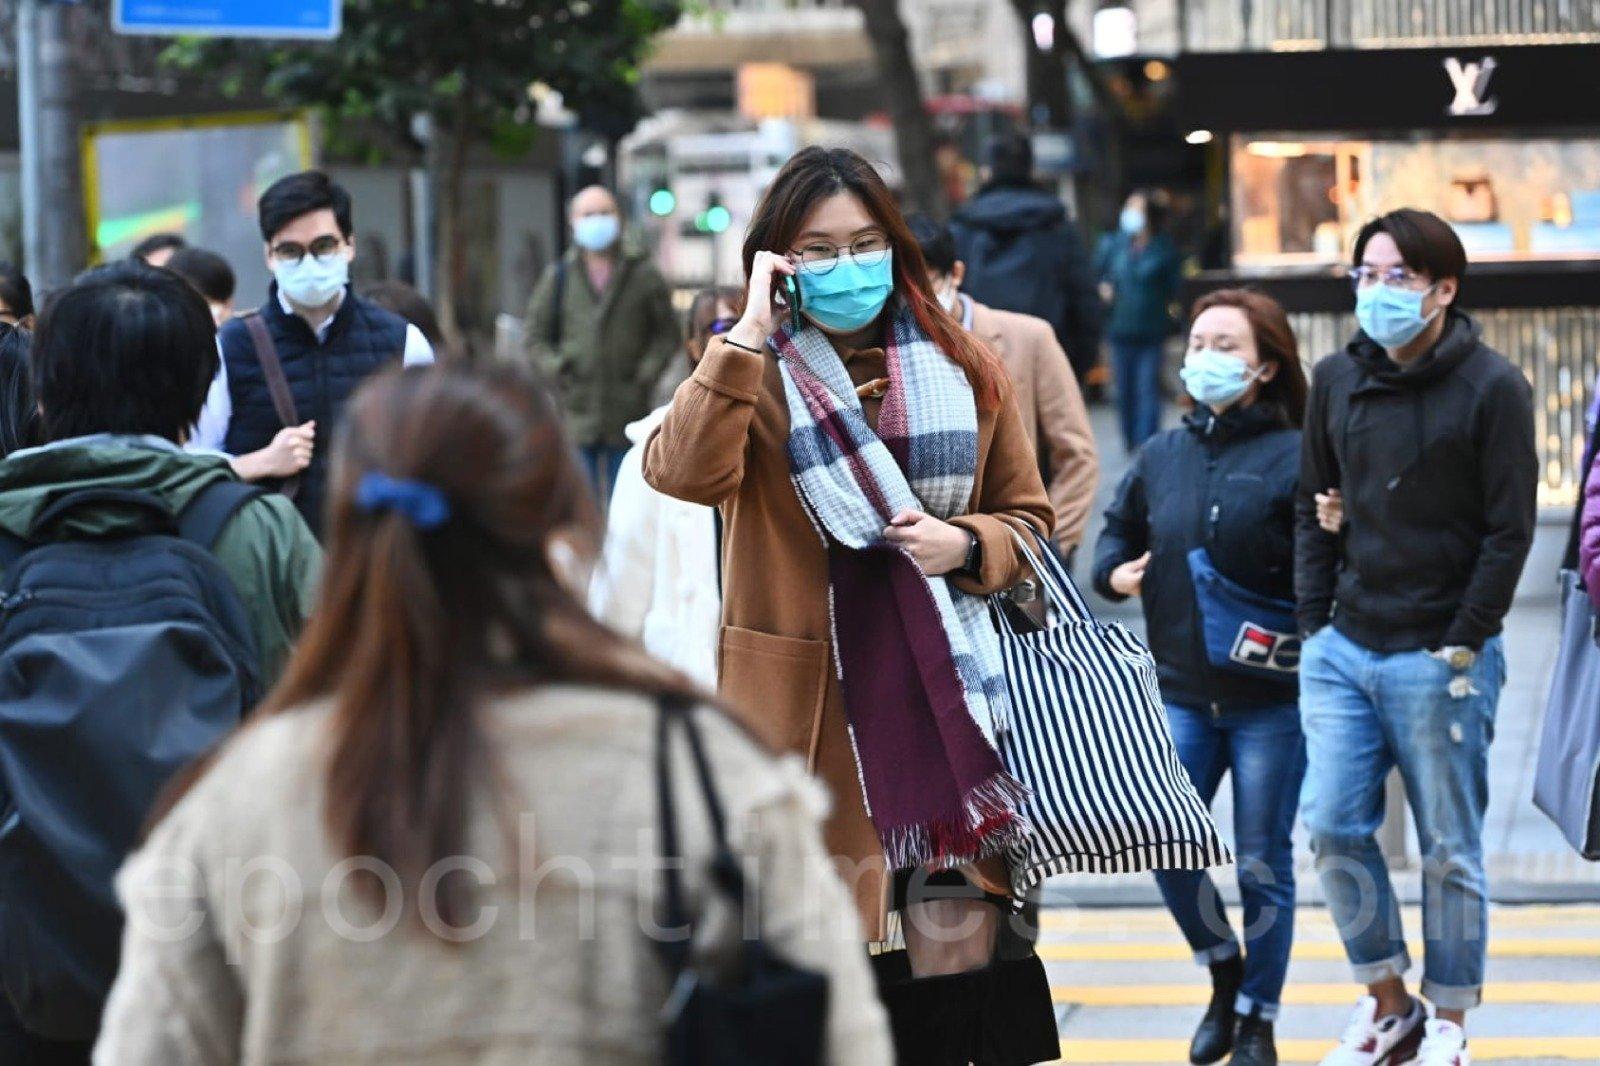 香港受強烈寒潮影響,氣溫顯著下降,天文台總部31日早錄得市區最低氣溫為攝氏8.1度,成為2020年最低氣溫。(宋碧龍/大紀元)